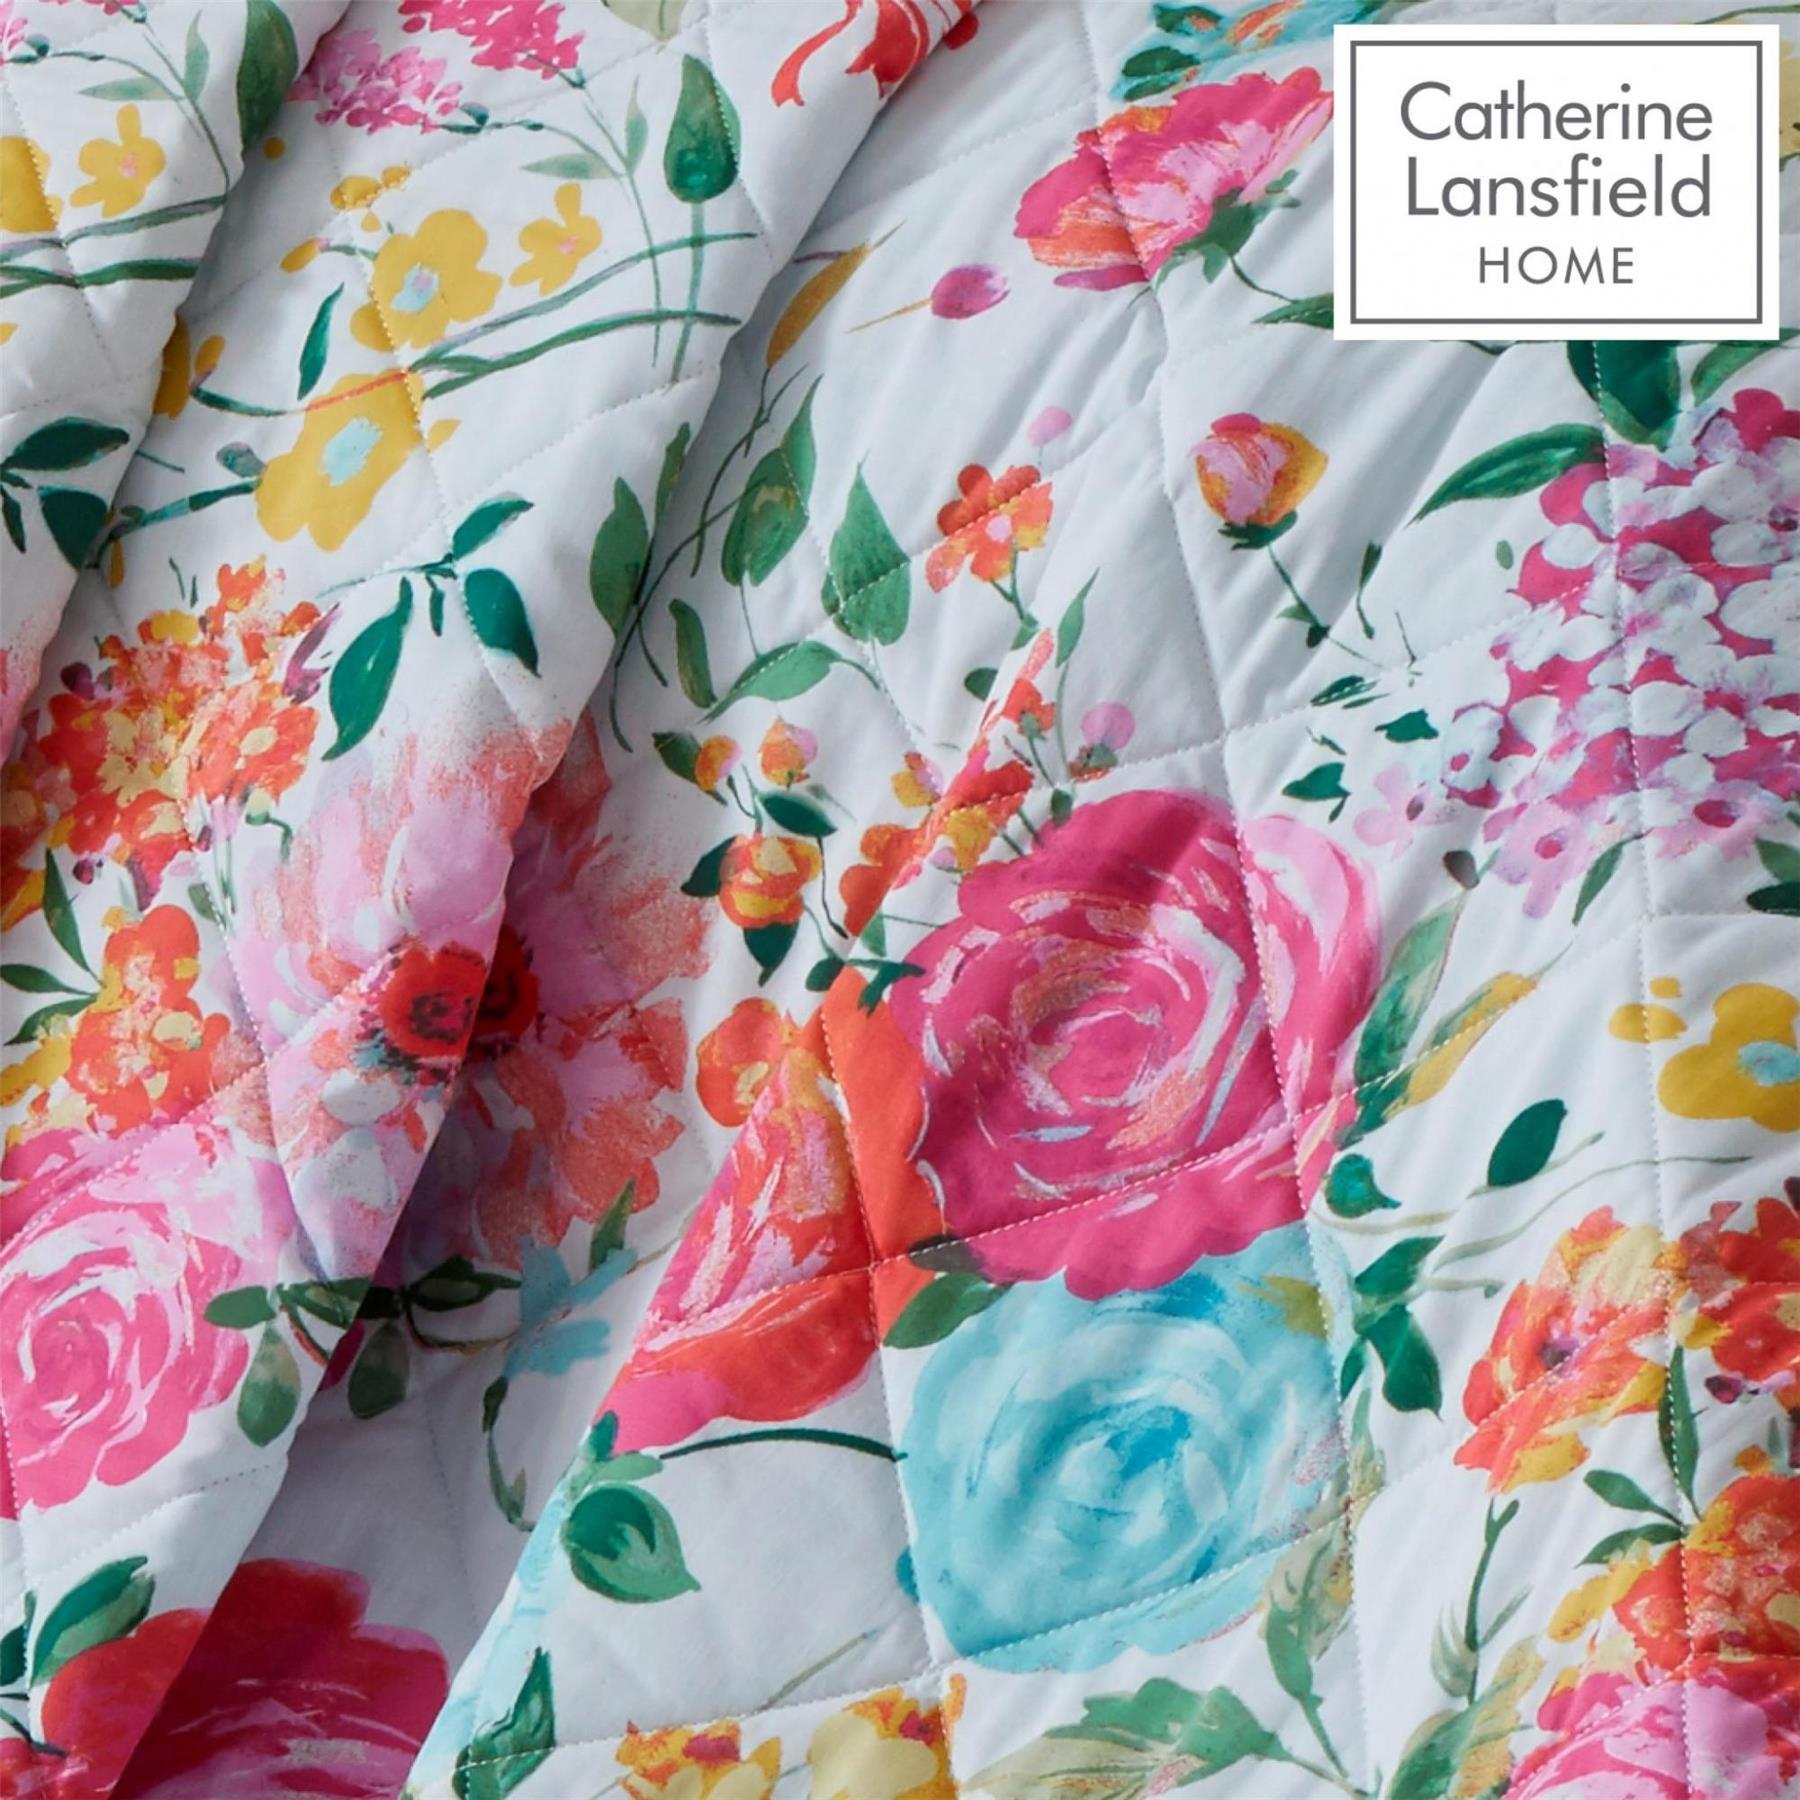 Catherine-Lansfield-biancheria-da-letto-Salisbury-Copripiumino-Set-Tende-Cuscino-Copriletto miniatura 5